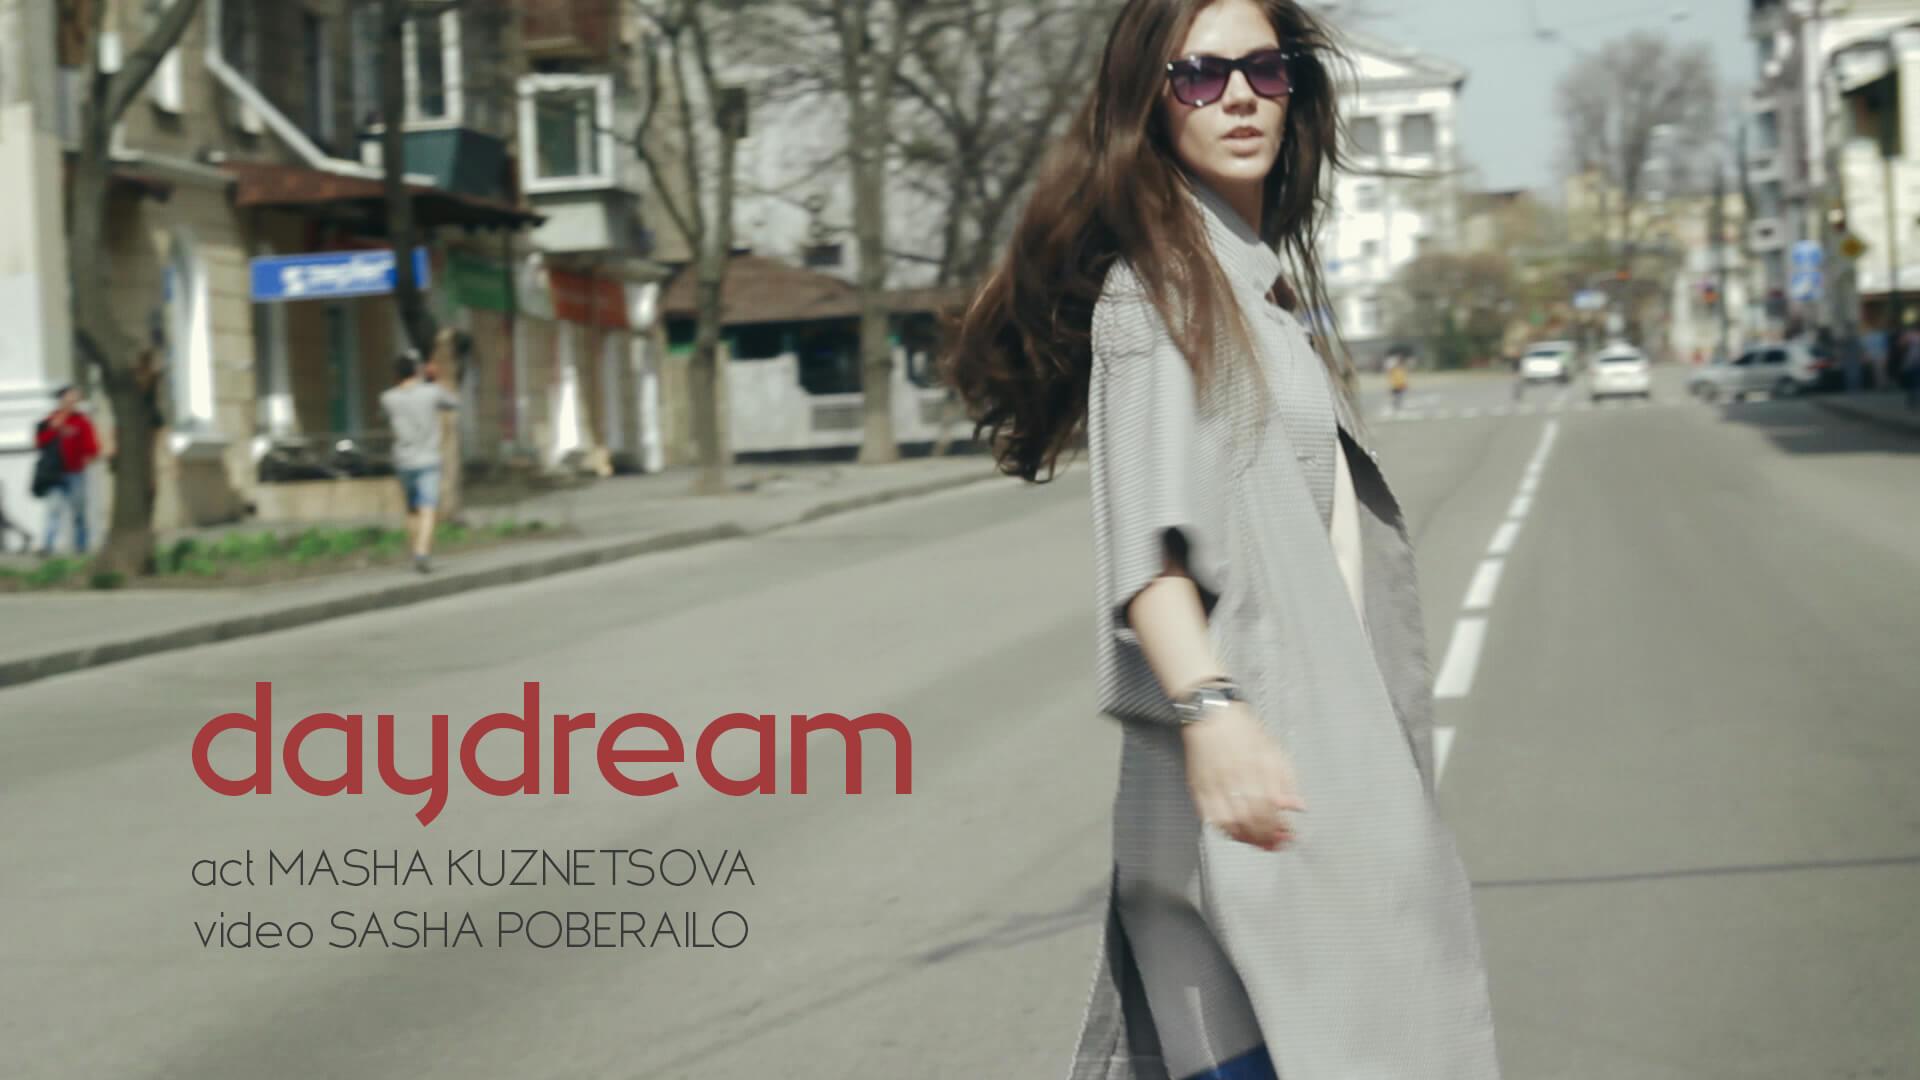 daydream fashion short film - city